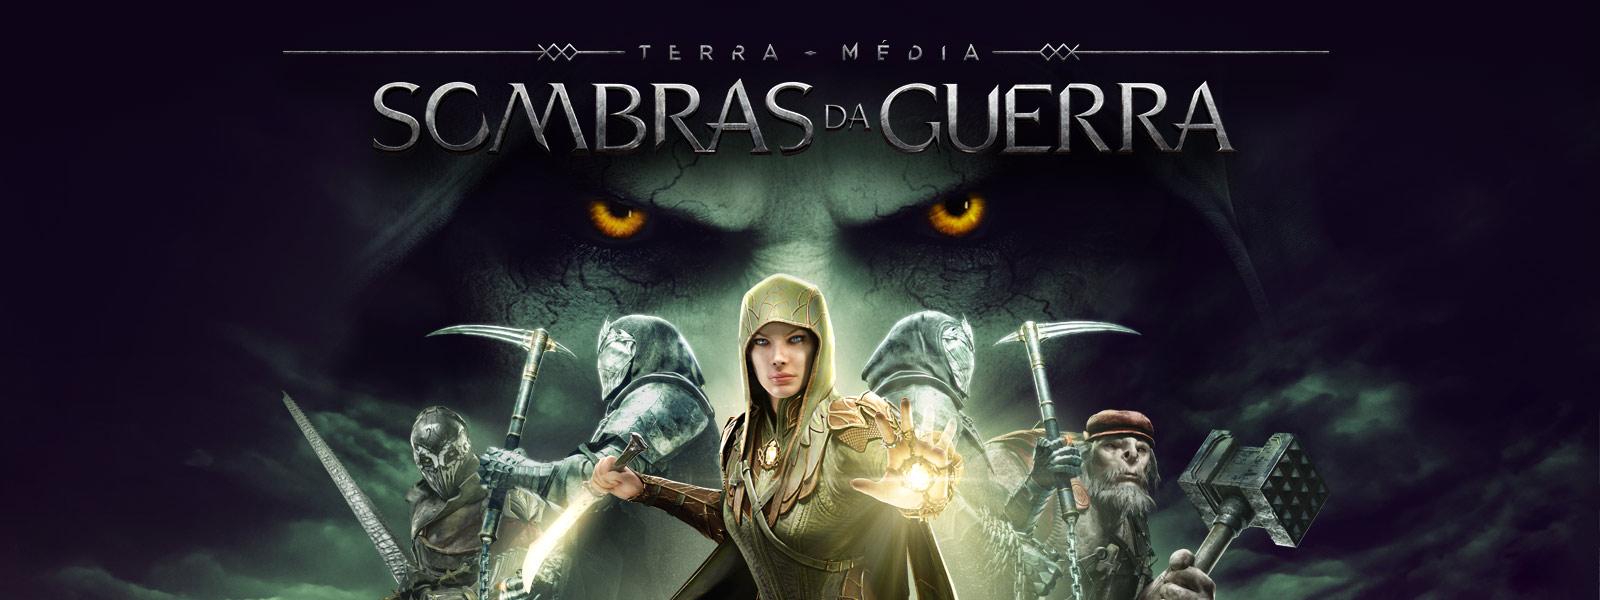 Imagem da caixa do Terra-média: Sombras da Guerra, Eltariel enfrenta 4 personagens com grandes olhos ameaçadores